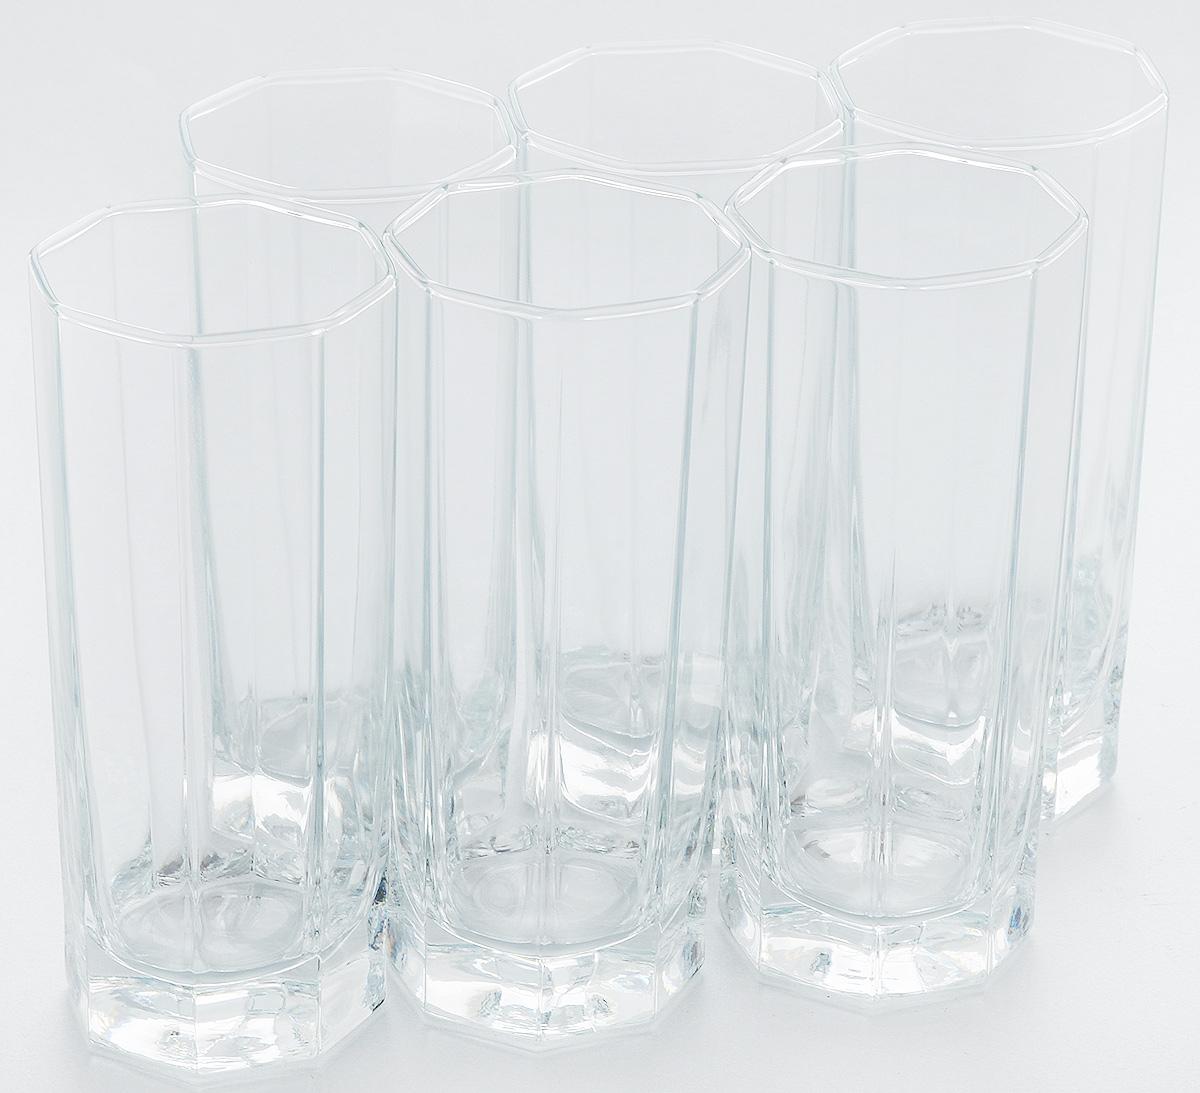 Набор стаканов для коктейлей Pasabahce Kosem, 264 мл, 6 шт42078BНабор Pasabahce, состоящий из шести стаканов, несомненно, придется вам по душе. Стаканы предназначены для подачи коктейлей, сока, воды и других напитков. Они изготовлены из прочного высококачественного прозрачного стекла и сочетают в себе элегантный дизайн и функциональность. Благодаря такому набору пить напитки будет еще вкуснее.Набор стаканов Pasabahce идеально подойдет для сервировки стола и станет отличным подарком к любому празднику.Высота стакана: 14 см.